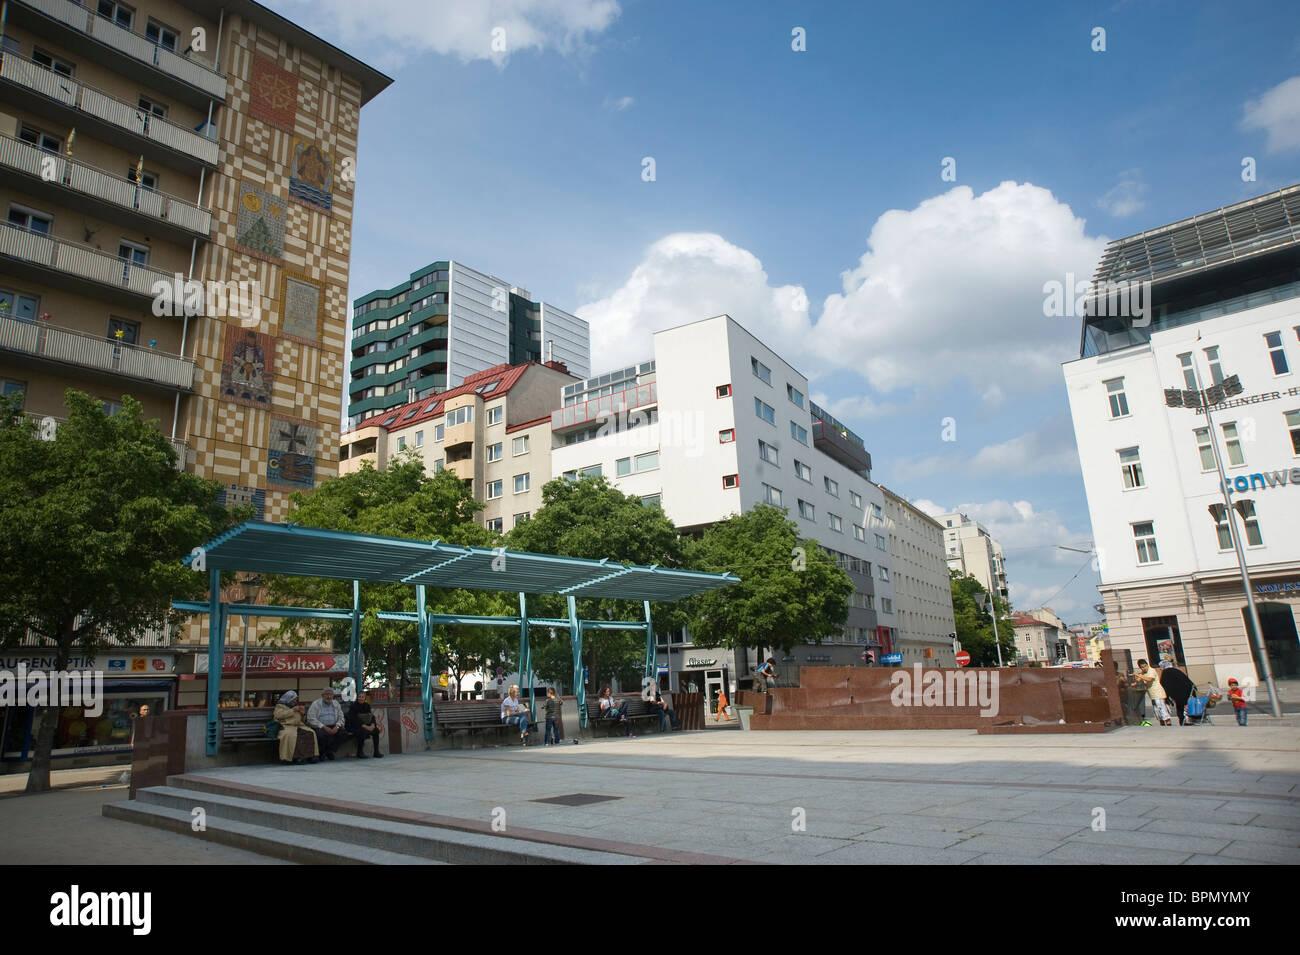 Wien meidling photos wien meidling images alamy for Design schule wien